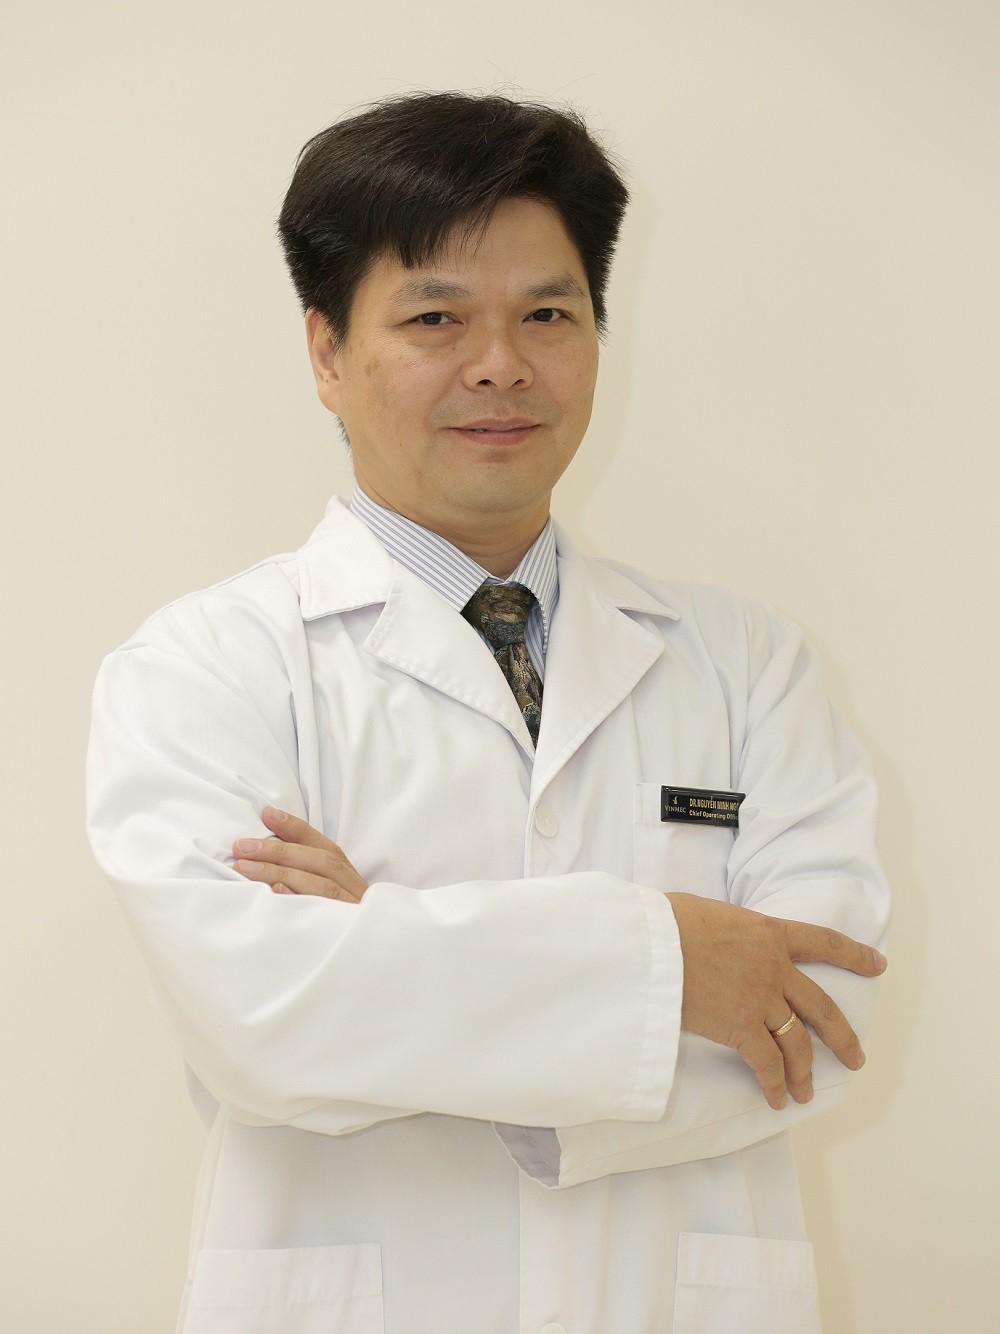 Vinmec Nha Trang – lựa chọn chăm sóc sức khỏe hàng đầu cho khách du lịch - Ảnh 1.